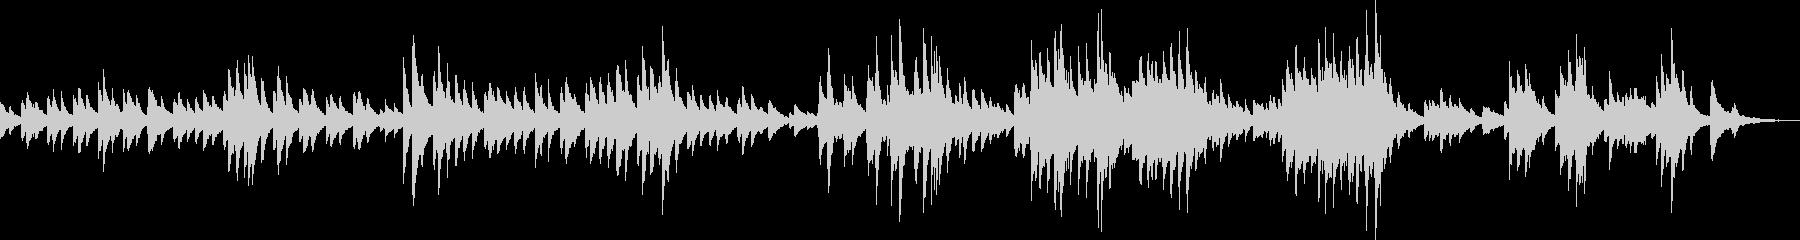 ノスタルジーな優しいピアノBGMの未再生の波形